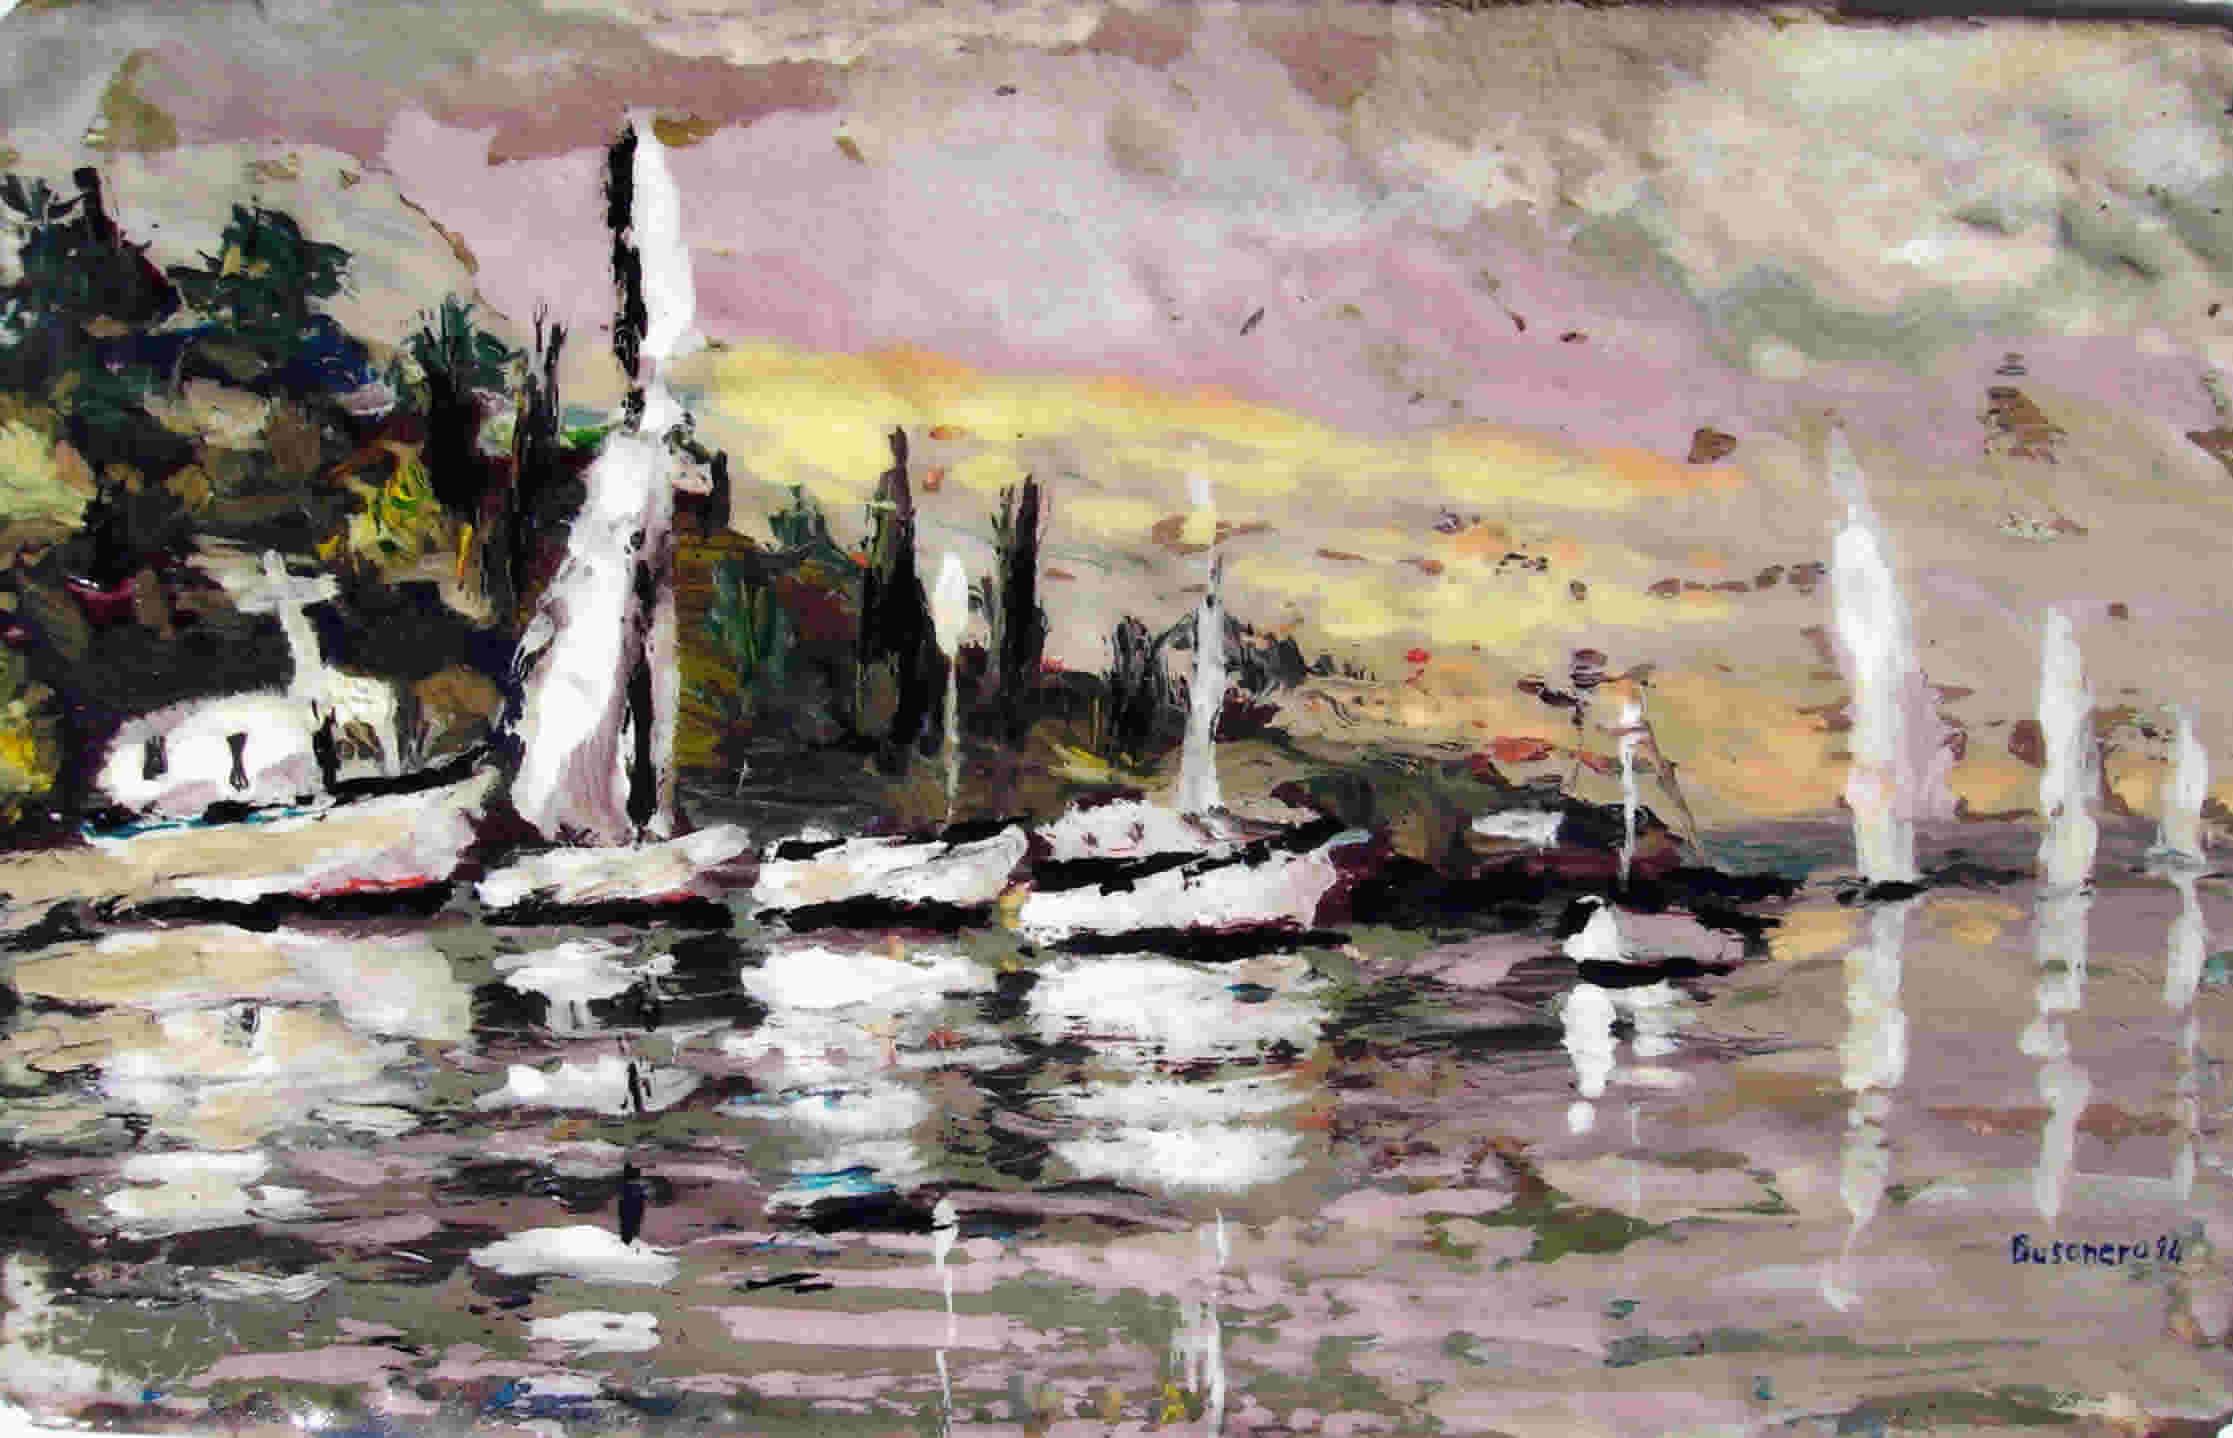 Calore e colore nei dipinti di Busonero